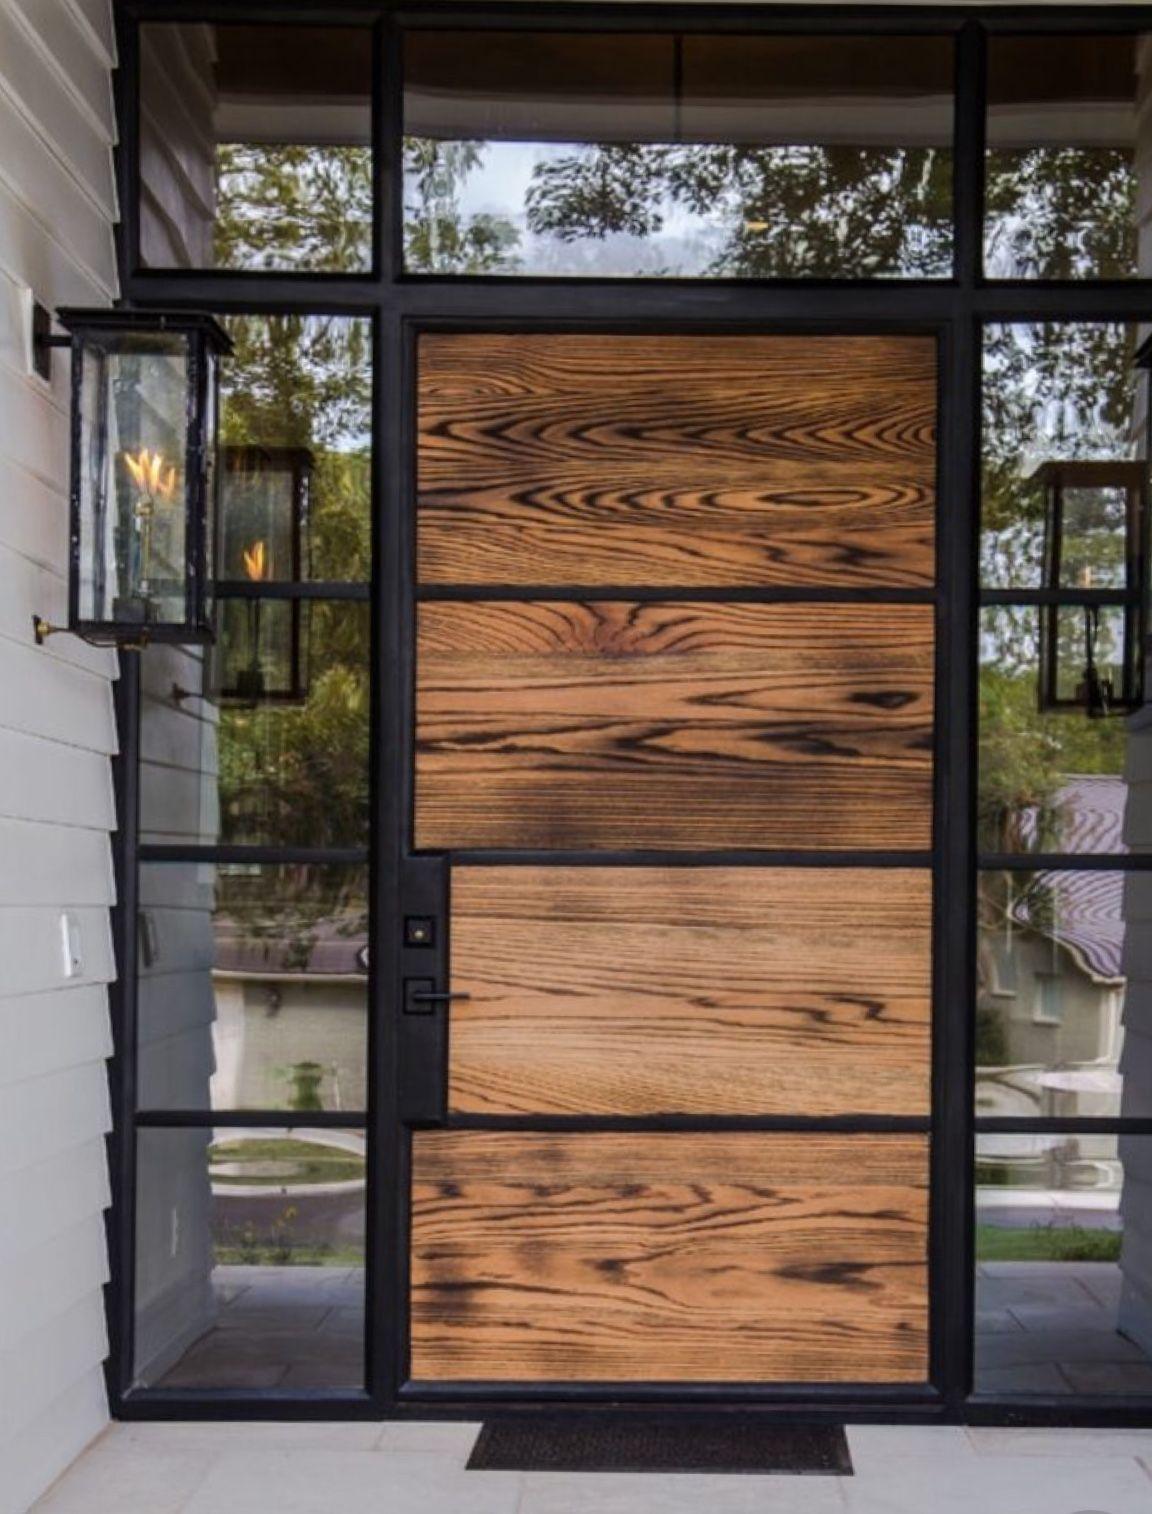 Modern House Exterior Design Front Door Ideas Wood Facade Wooden Garage Door: Wood, Modern, 60's Line, Exterior Front Door, Iron Frame. Entryway. Glass.